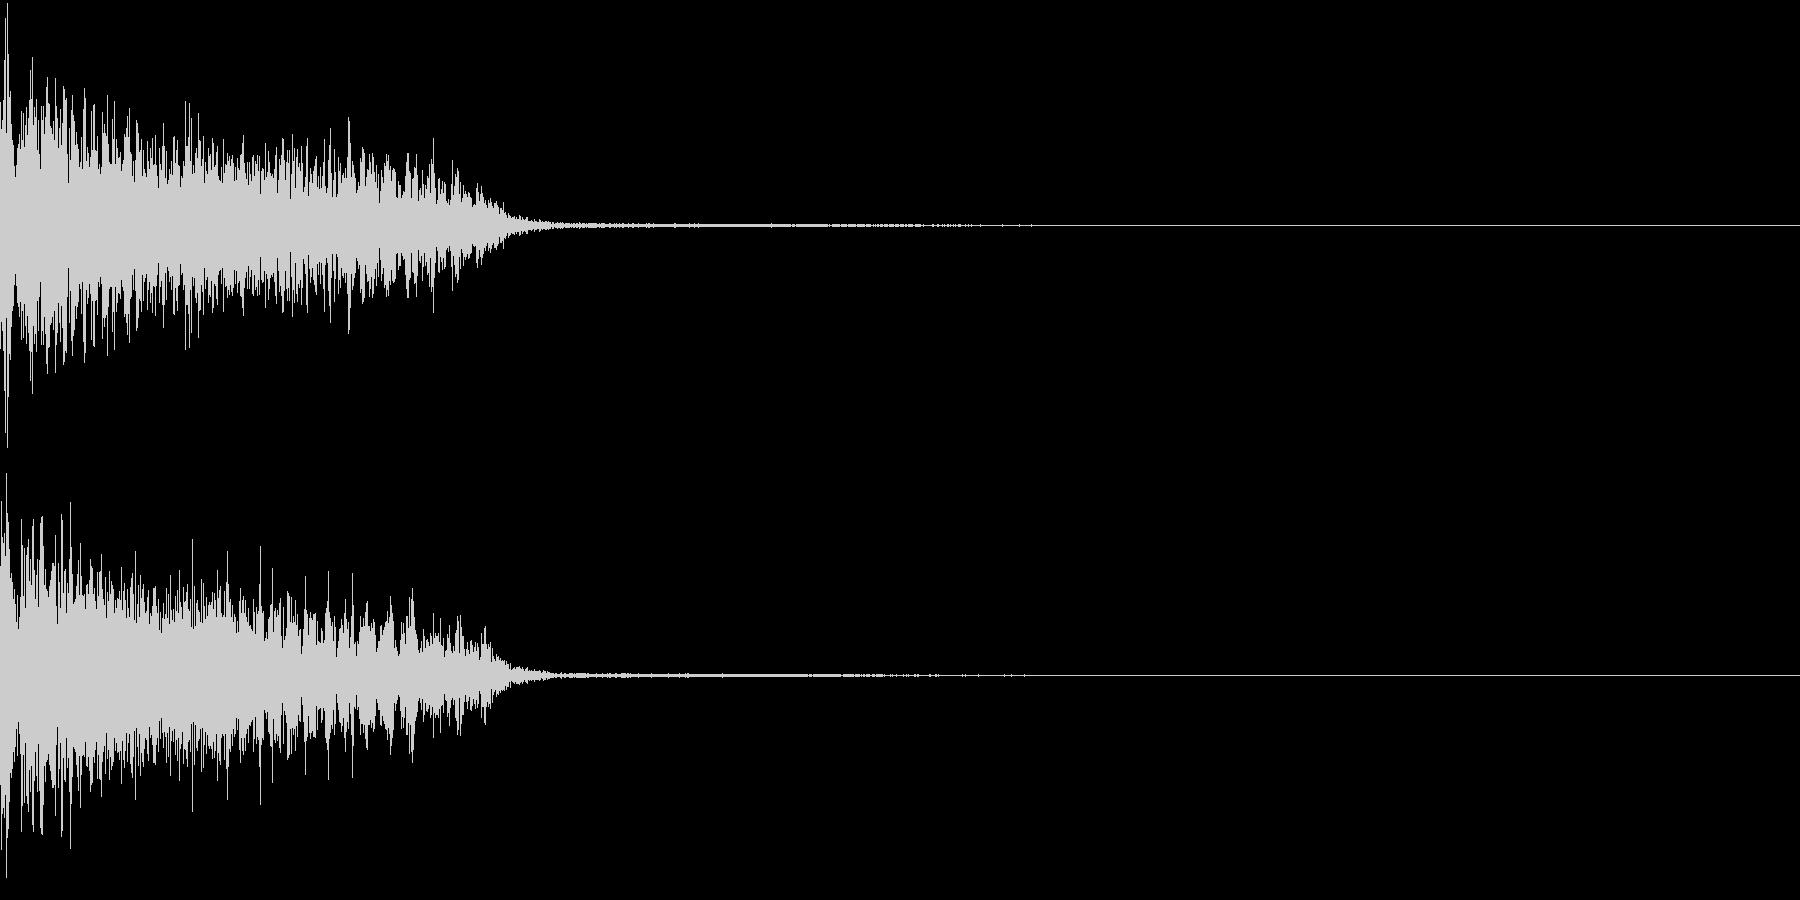 InvaderBuzz 発砲音 16の未再生の波形